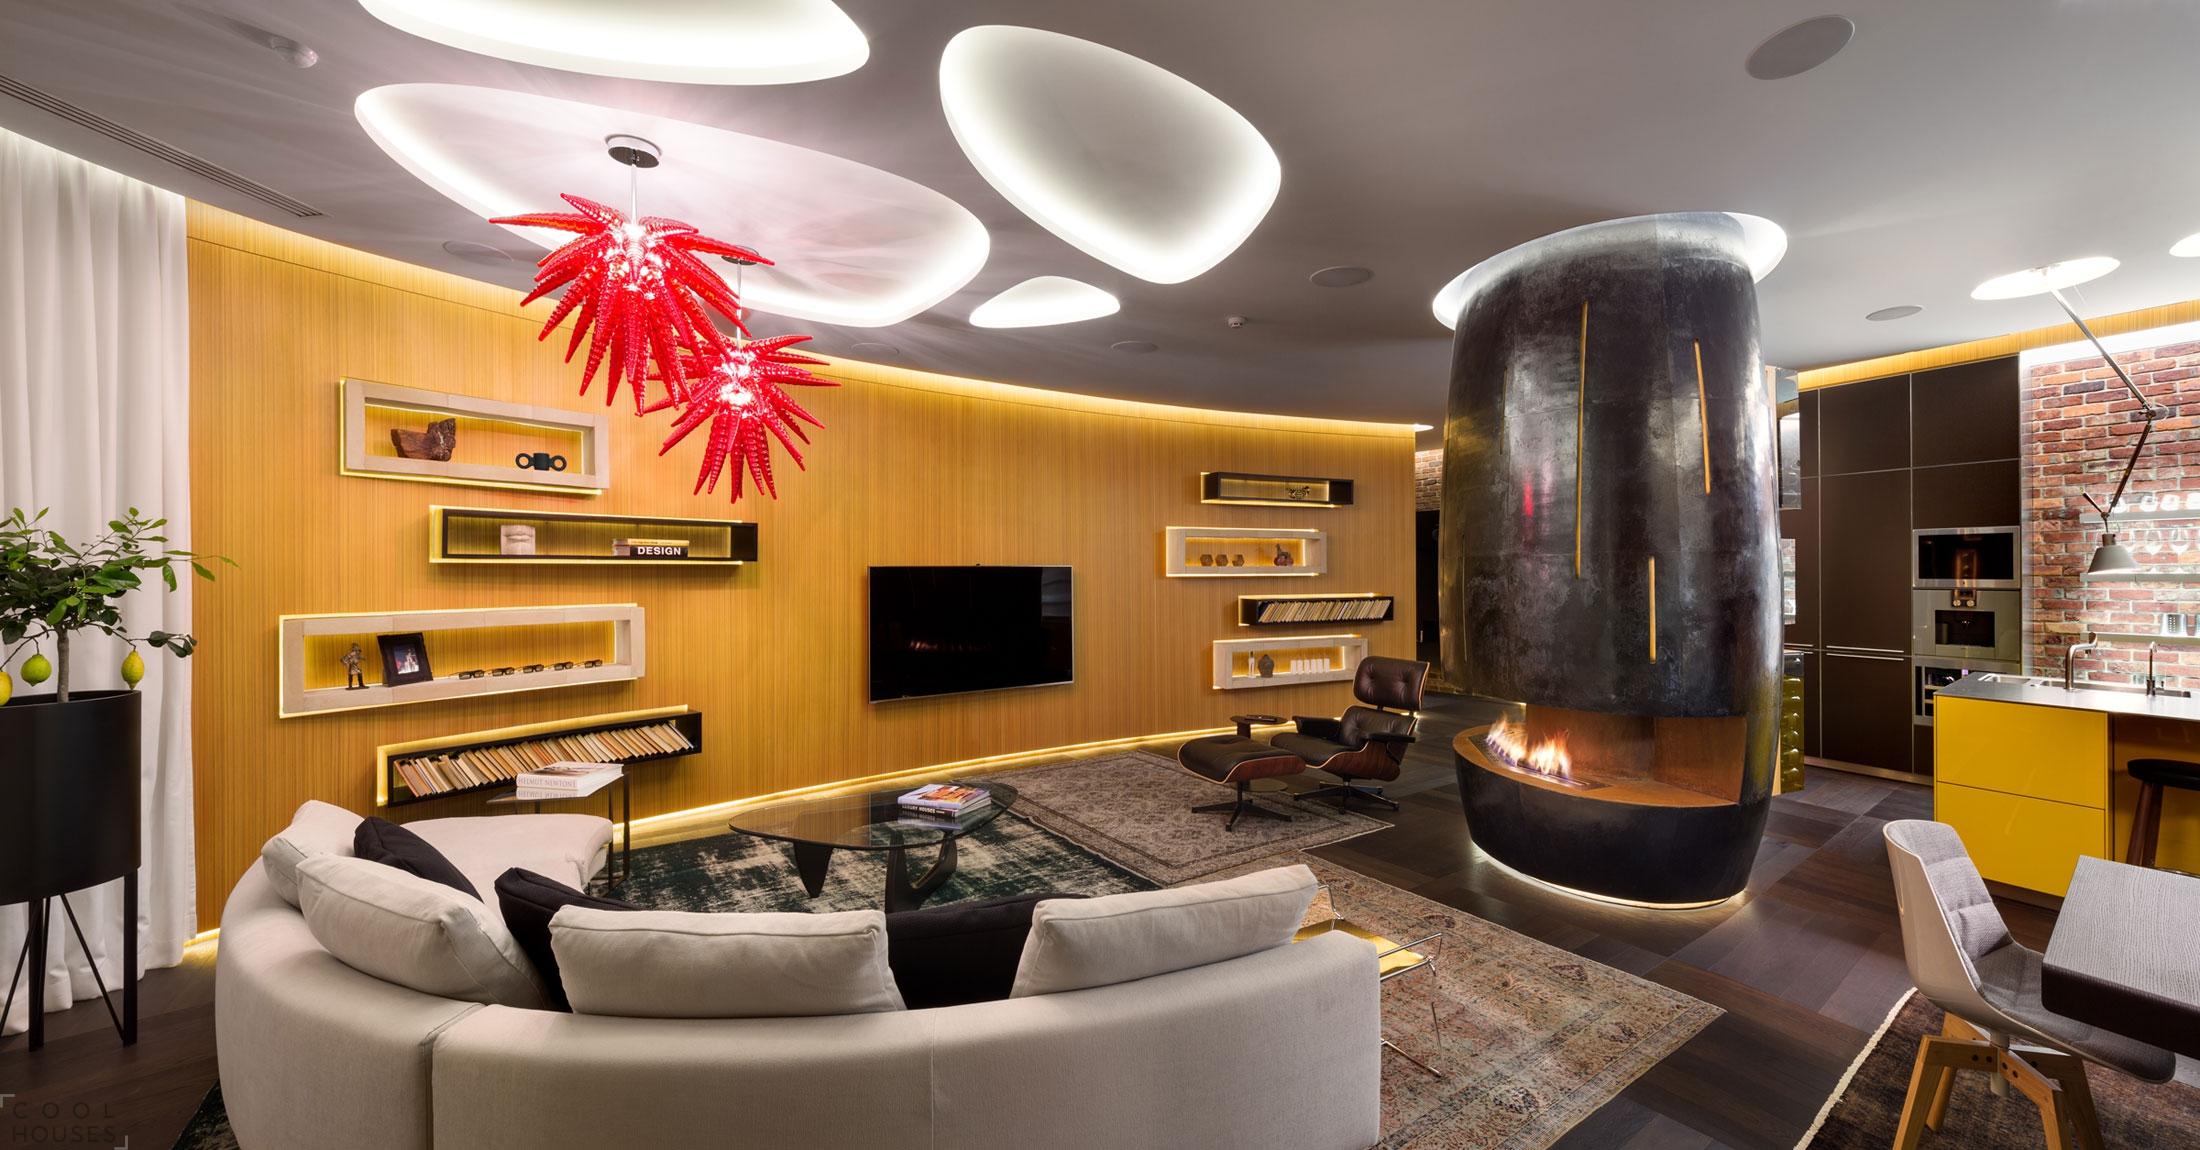 Потрясающая квартира в центре Киева, Украина, от дизайн-студии Барабан+